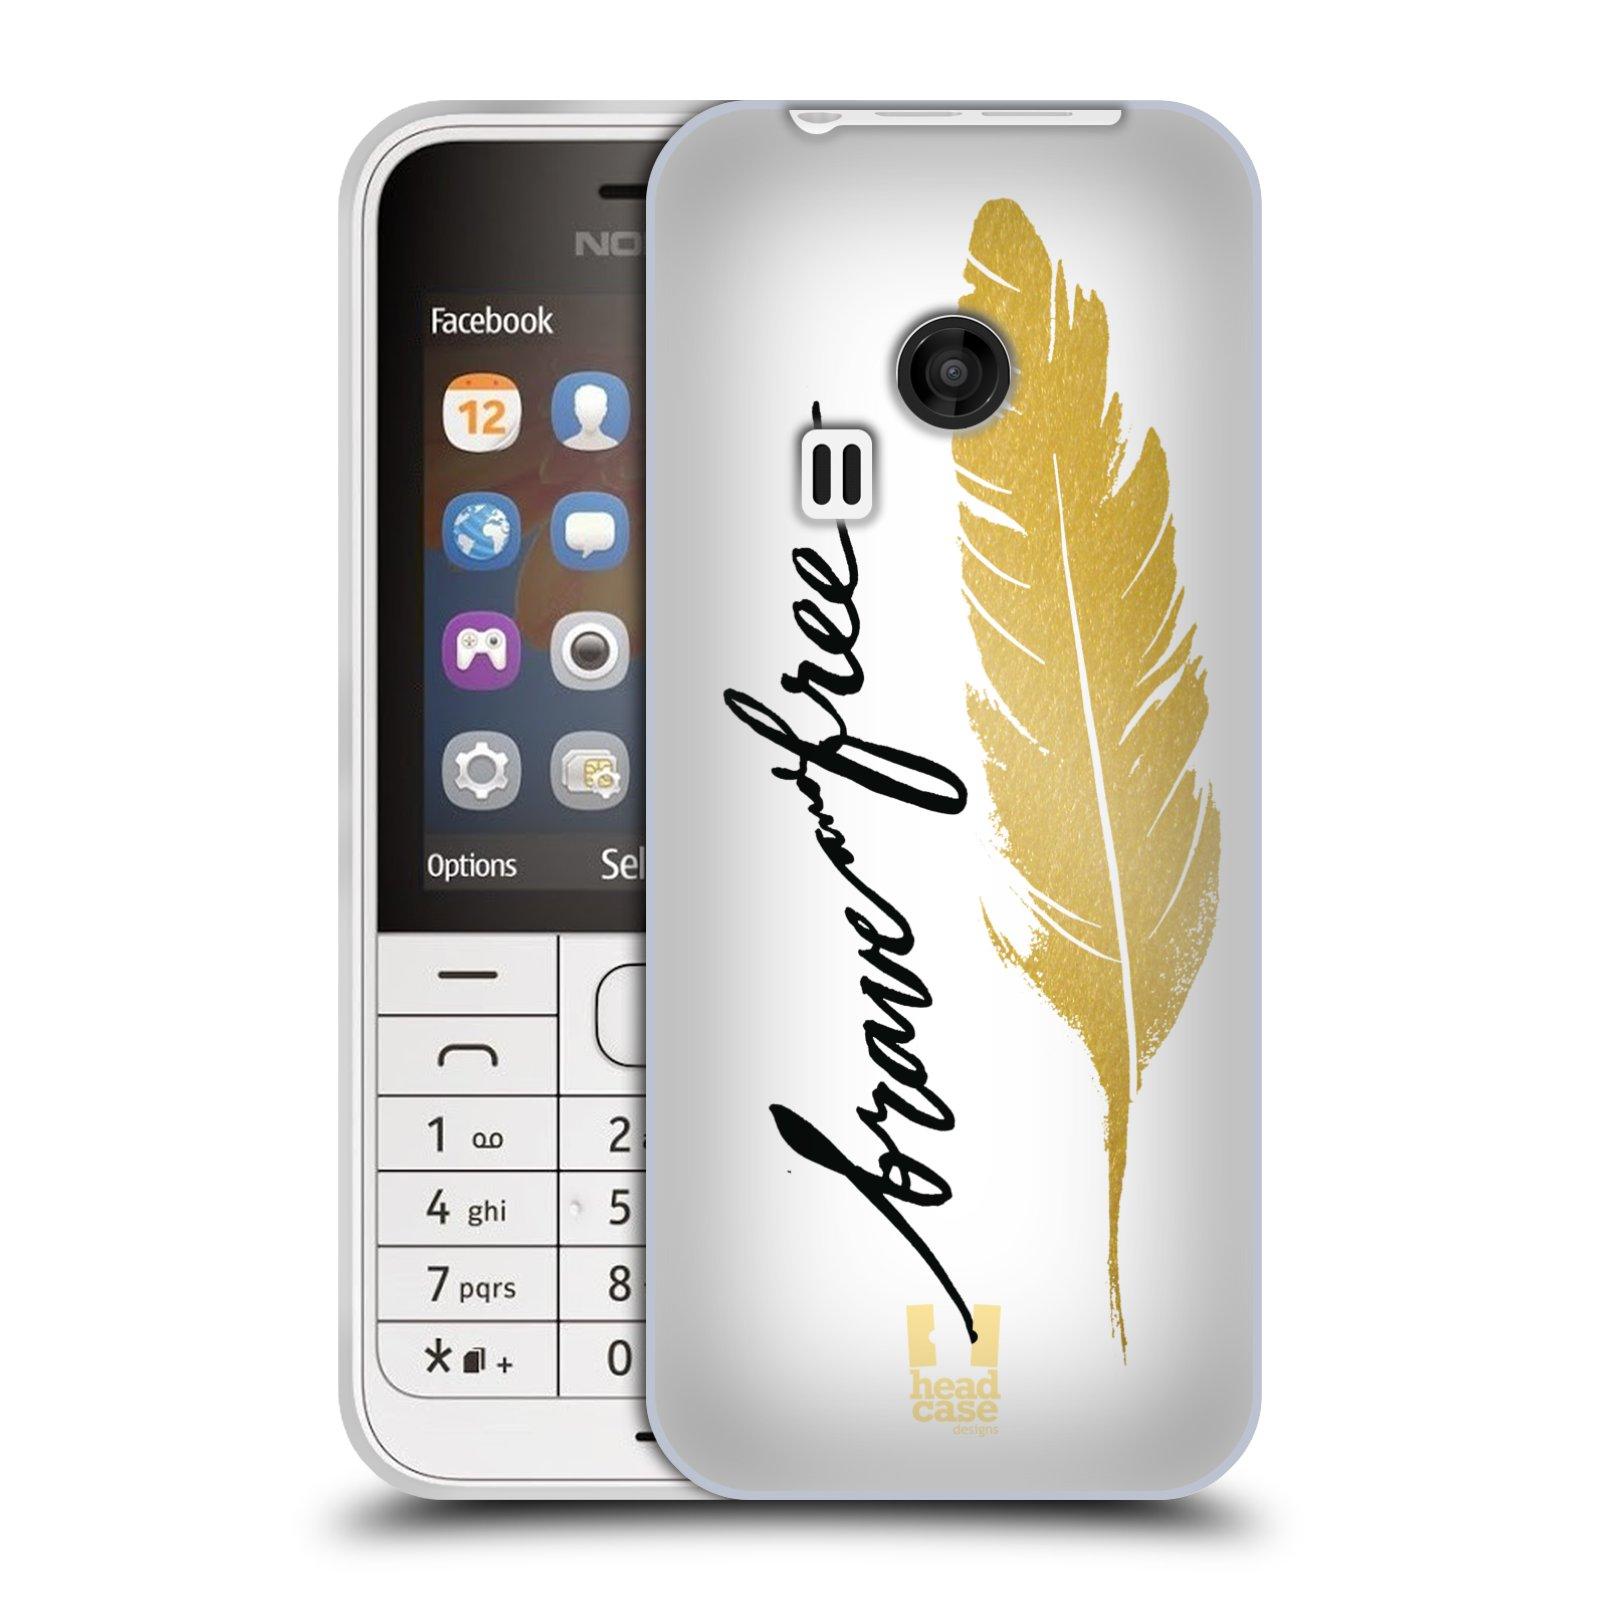 Silikonové pouzdro na mobil Nokia 220 HEAD CASE PÍRKO ZLATÉ FREE (Silikonový kryt či obal na mobilní telefon Nokia 220 a 220 Dual SIM)